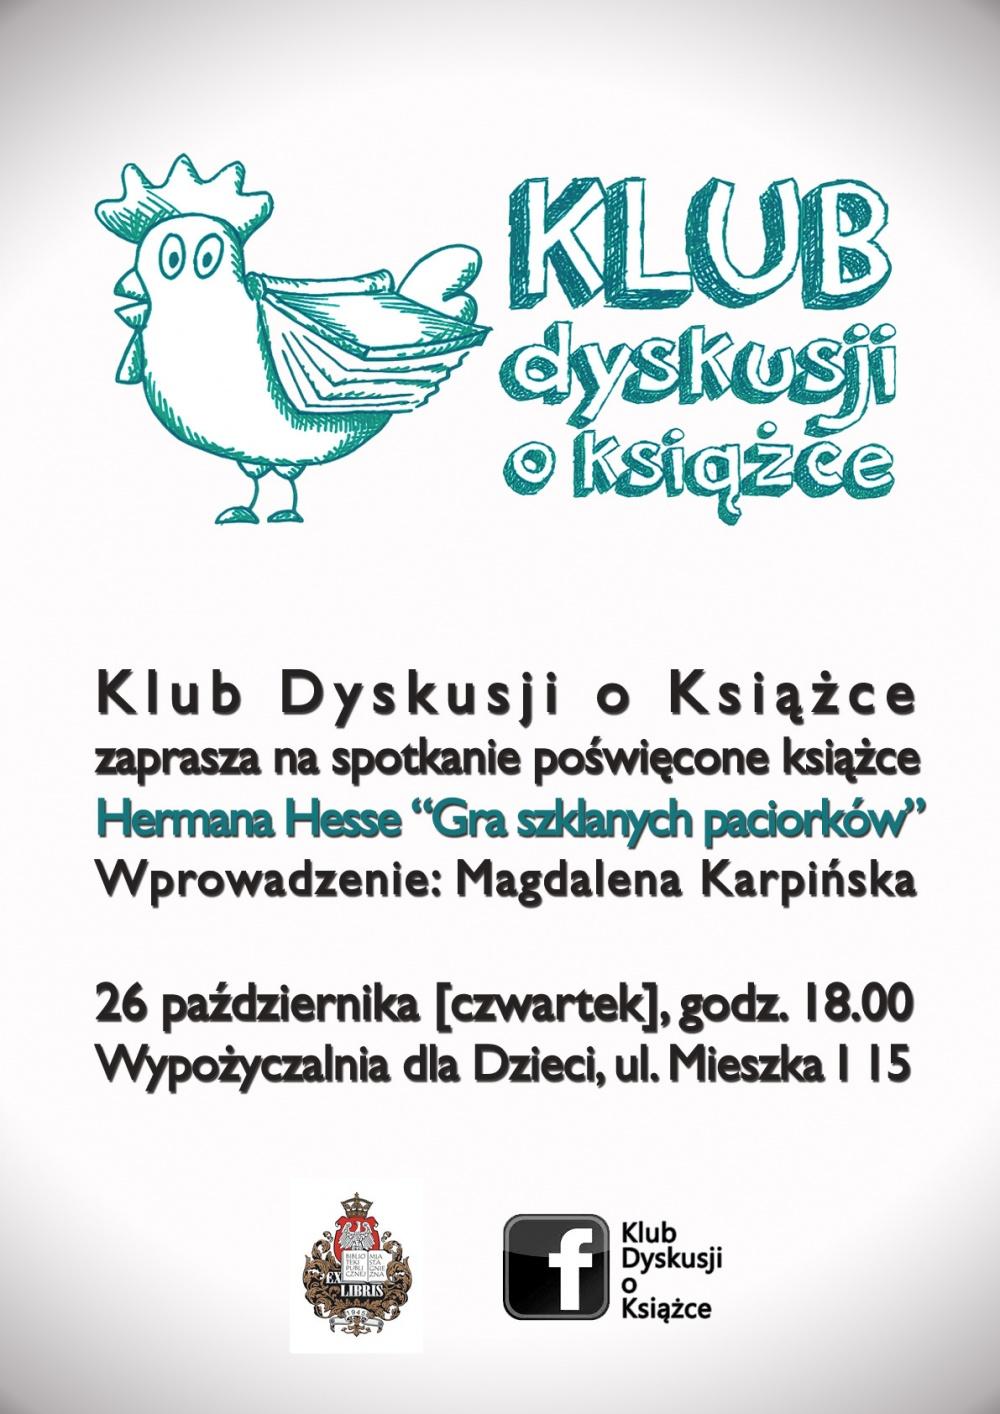 Klub Dyskusji o Książce zaprasza na spotkanie z twórczością Hermana Hessa